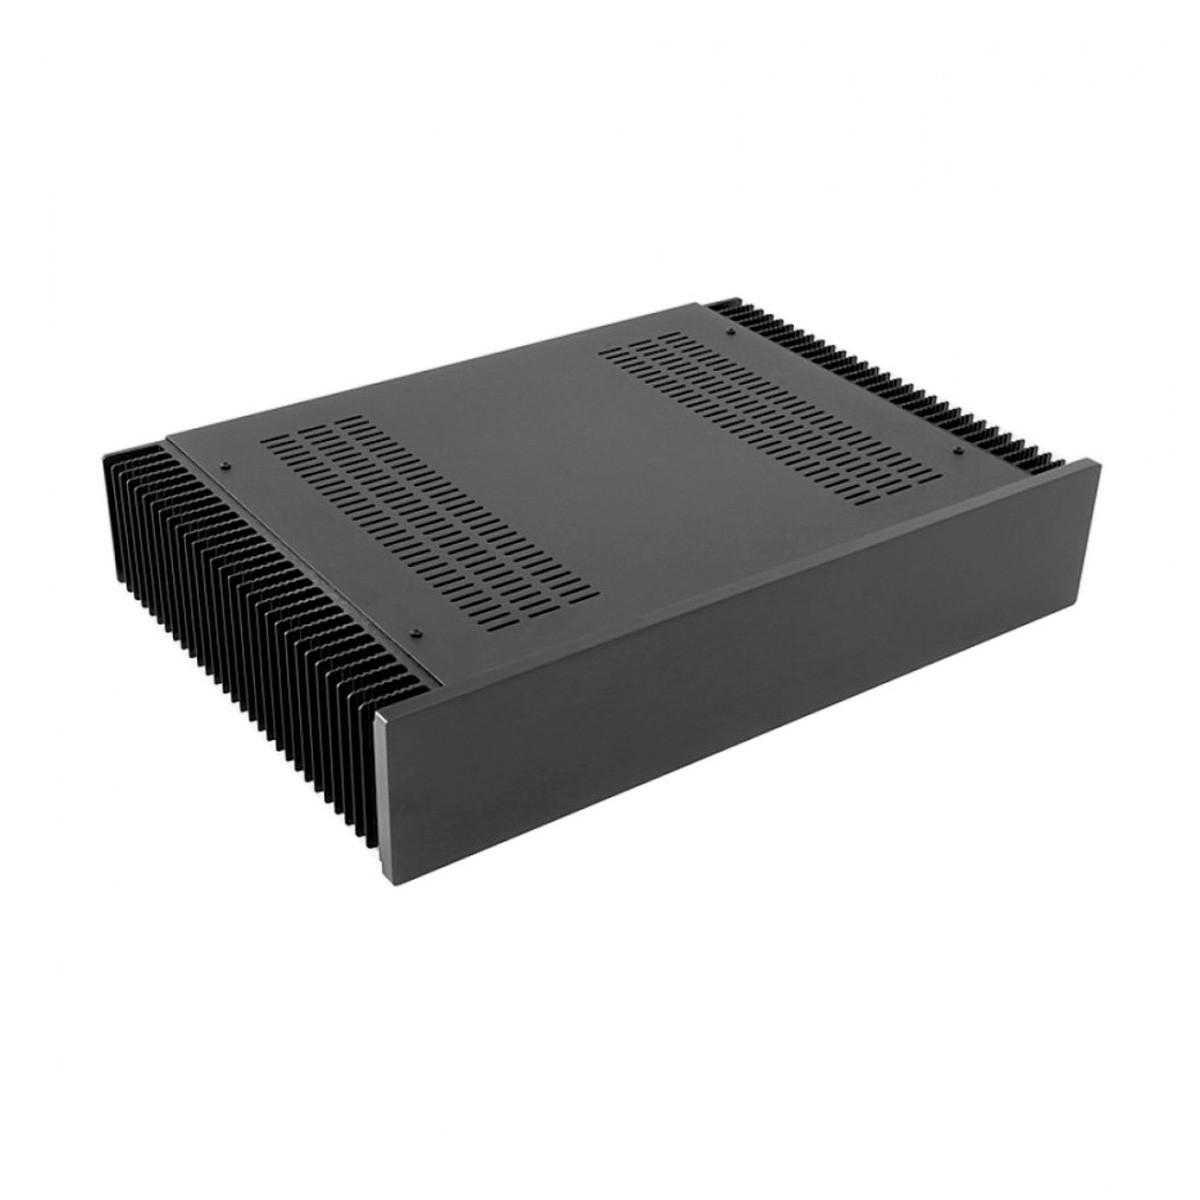 HIFI 2000 Boitier dissipateur 2U 300mm - Facade 10mm Noir